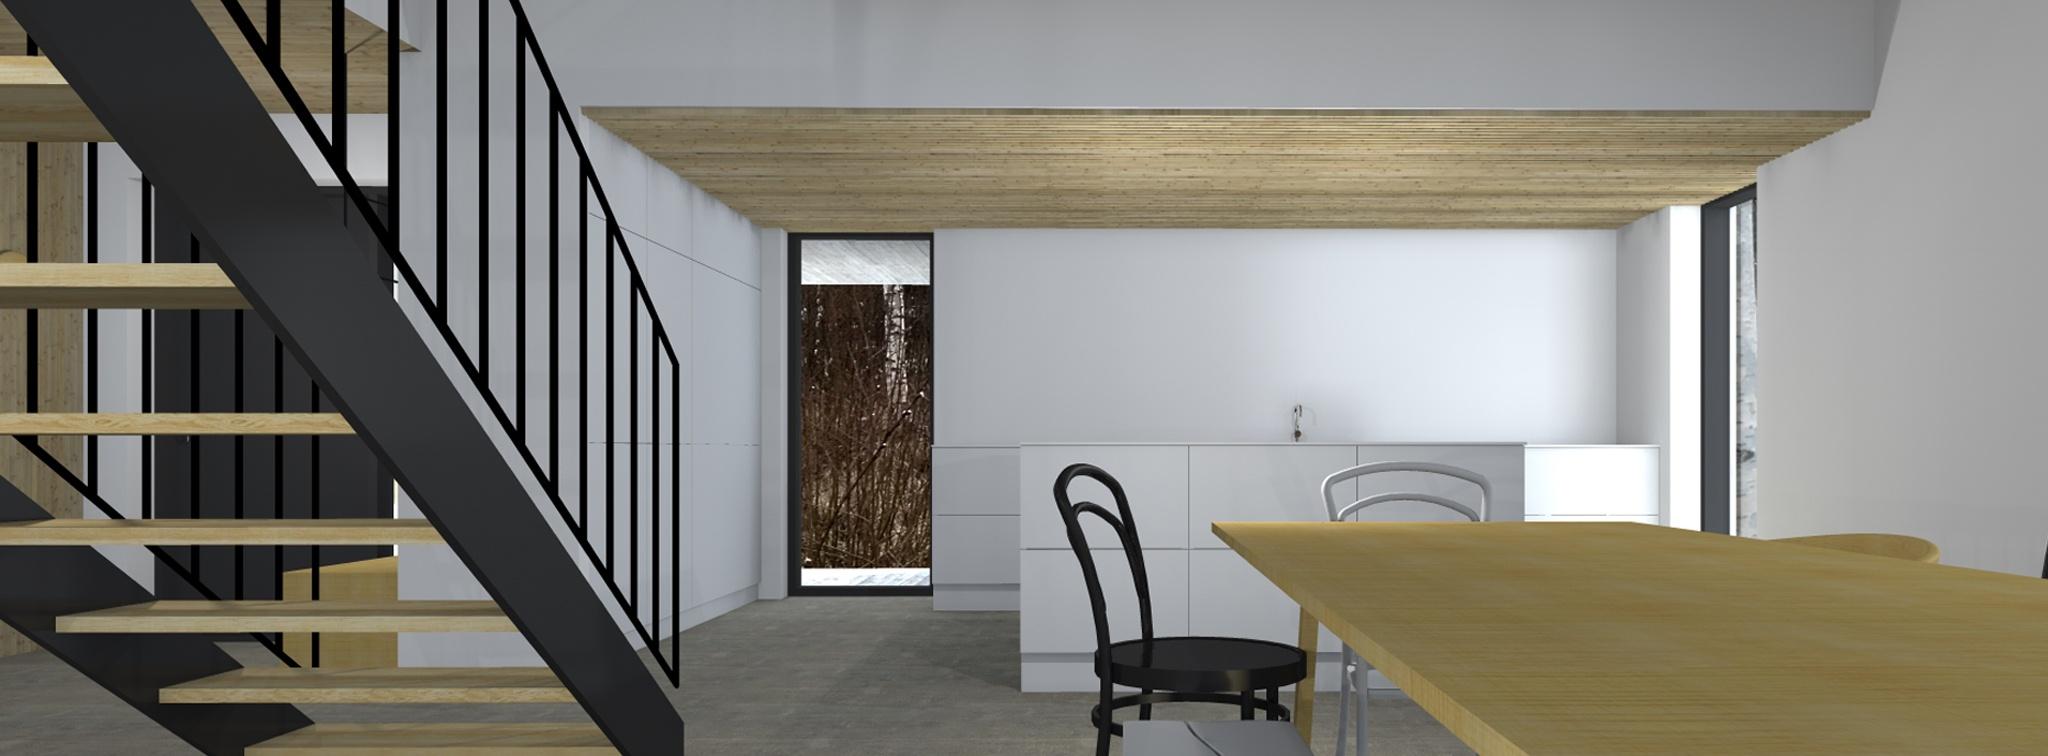 Keittiö-ja-kalustesuunnittelu-Sunhouse-arkkitehti